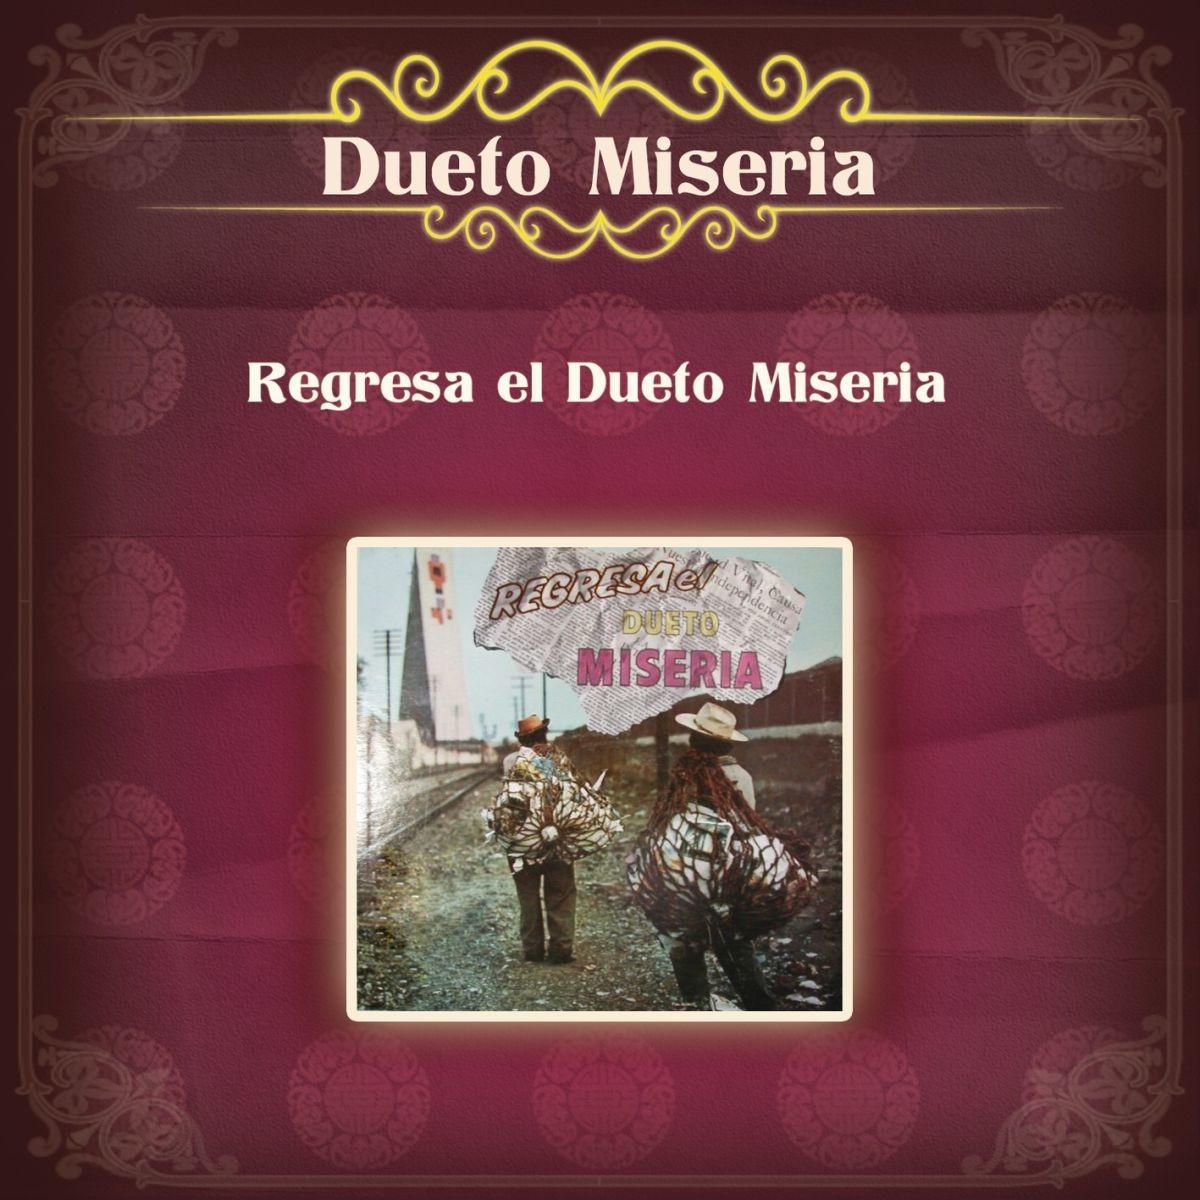 dueto miseria discografia